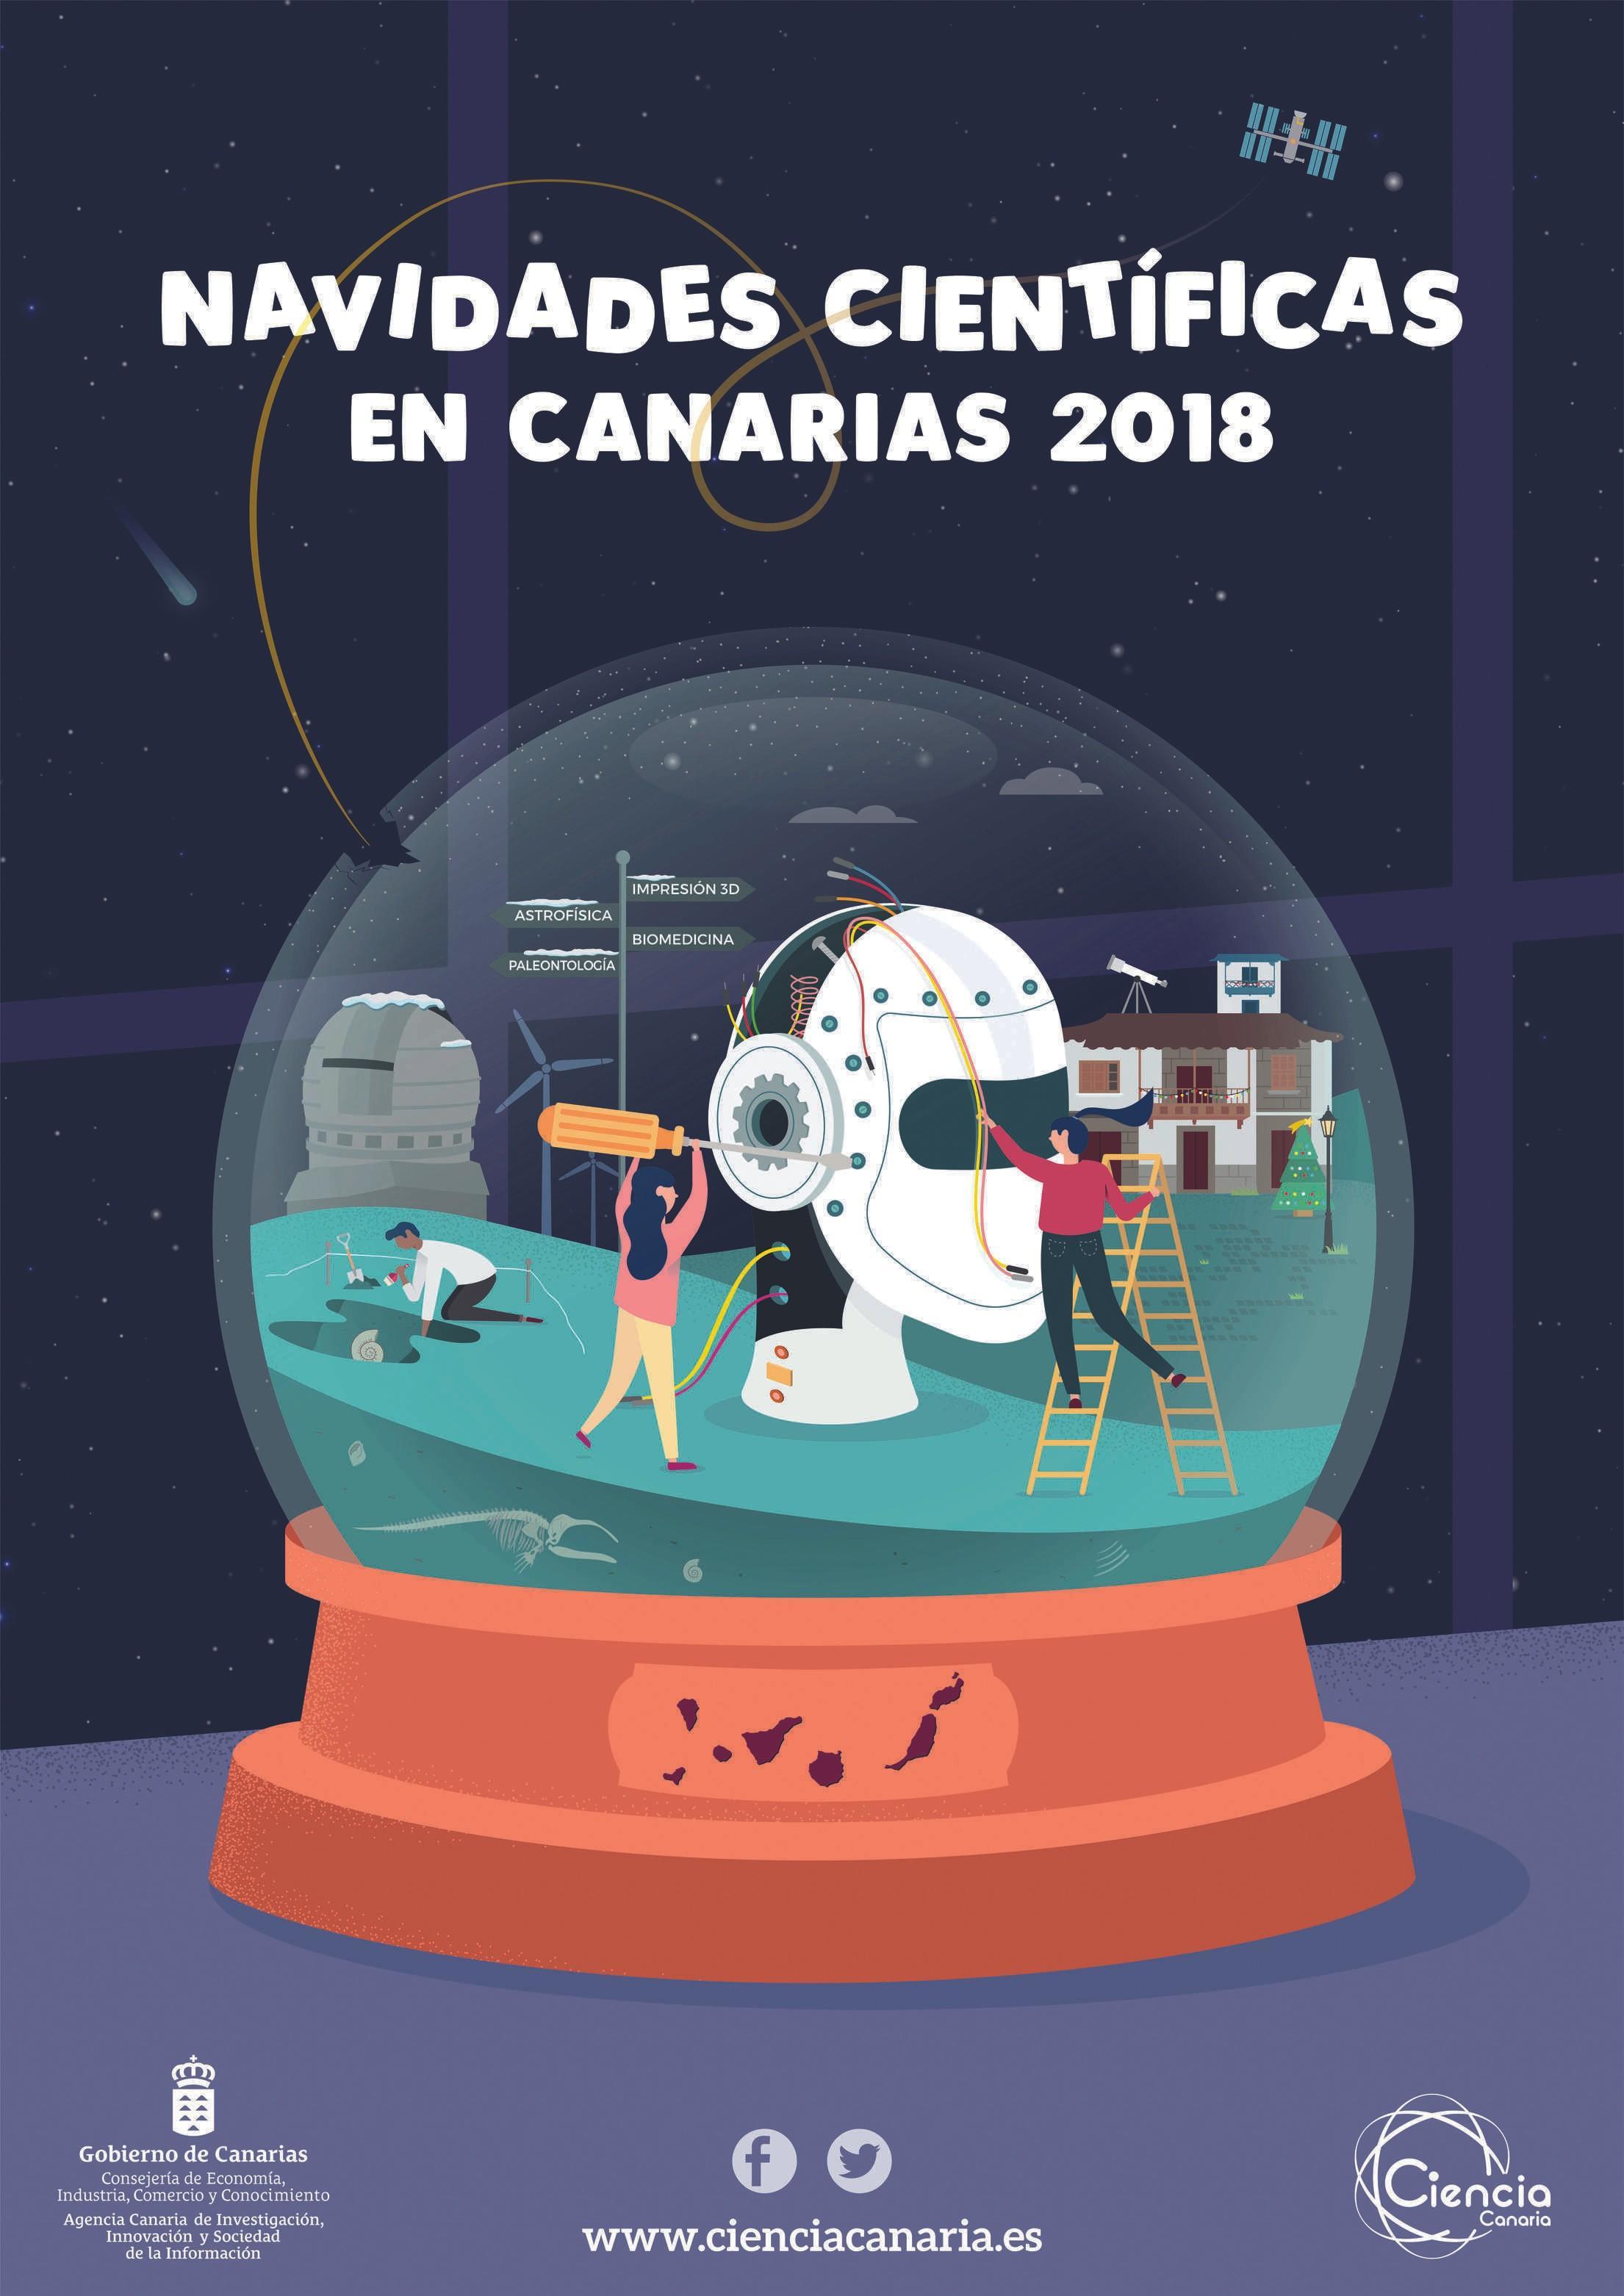 Navidades Científicas en Canarias 2018, Instituto Tecnológico de Canarias, 2018.